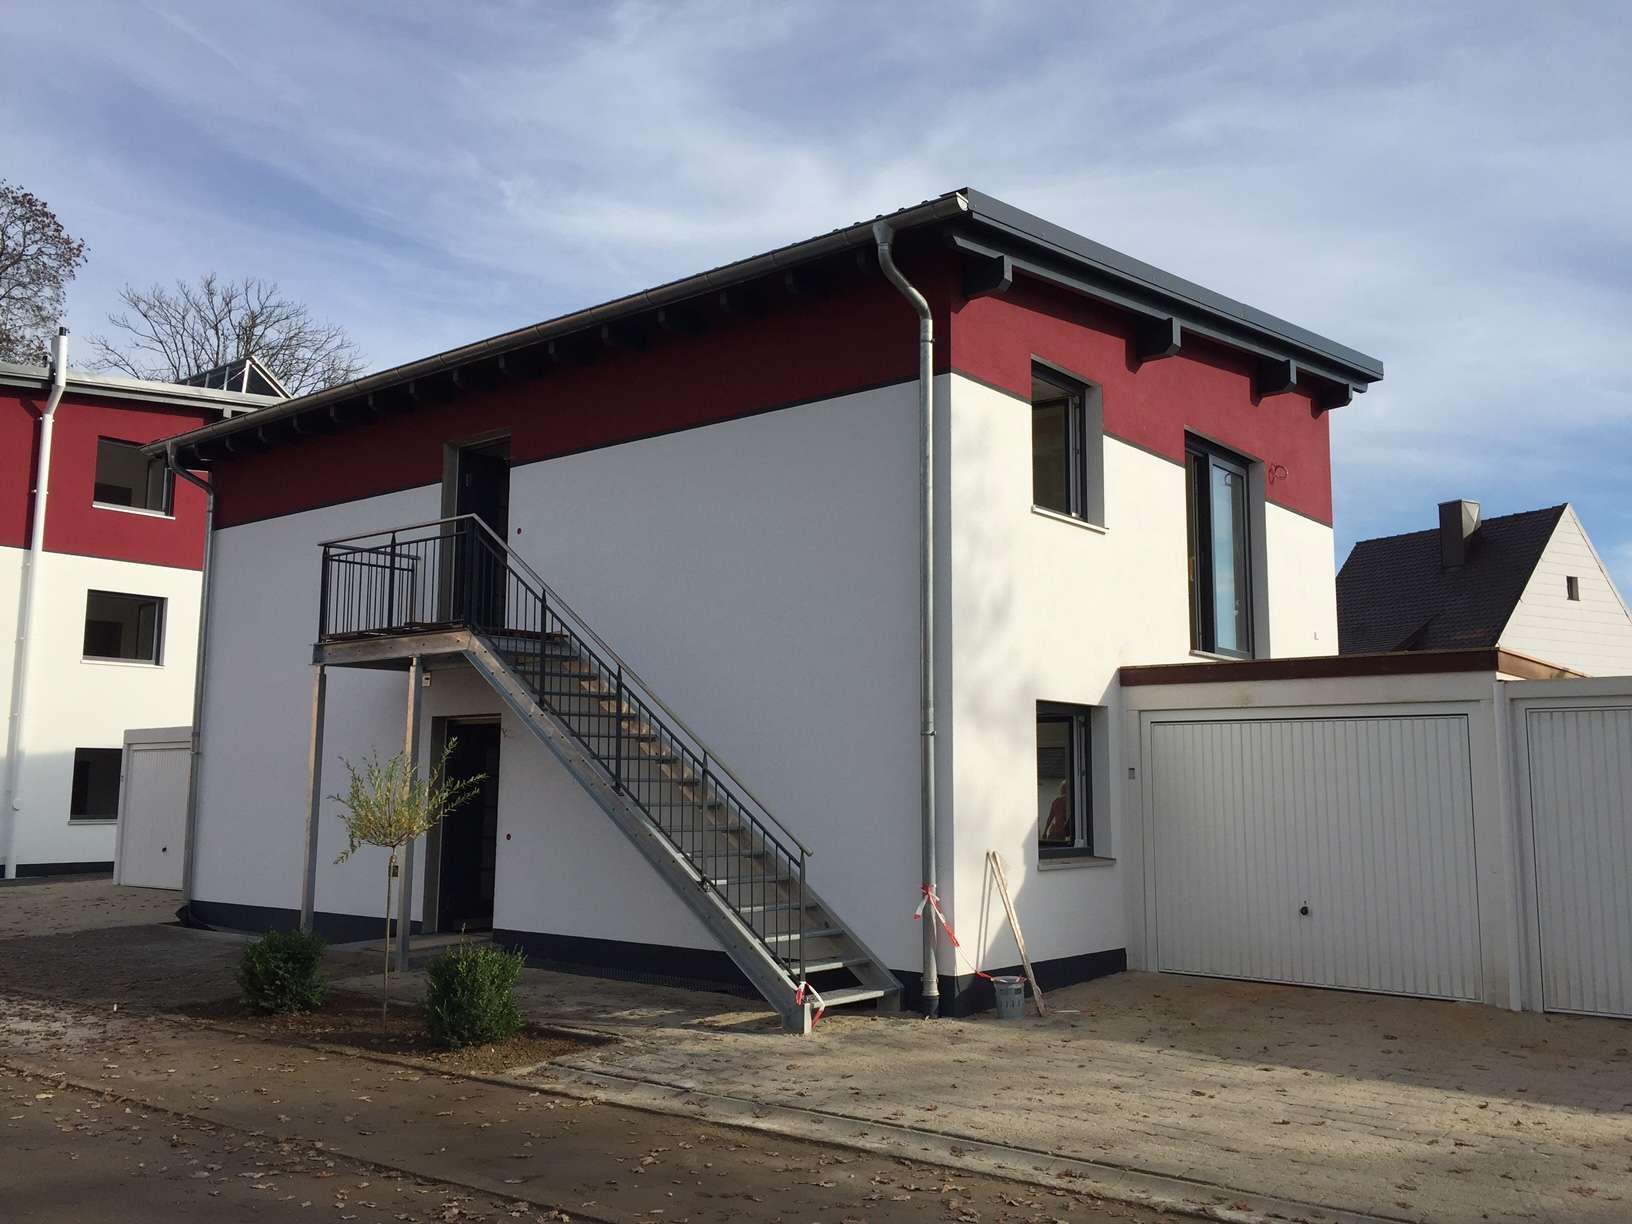 Schöne, neuwertige 3 Zimmer Wohnung mit Balkon in Mirskofen